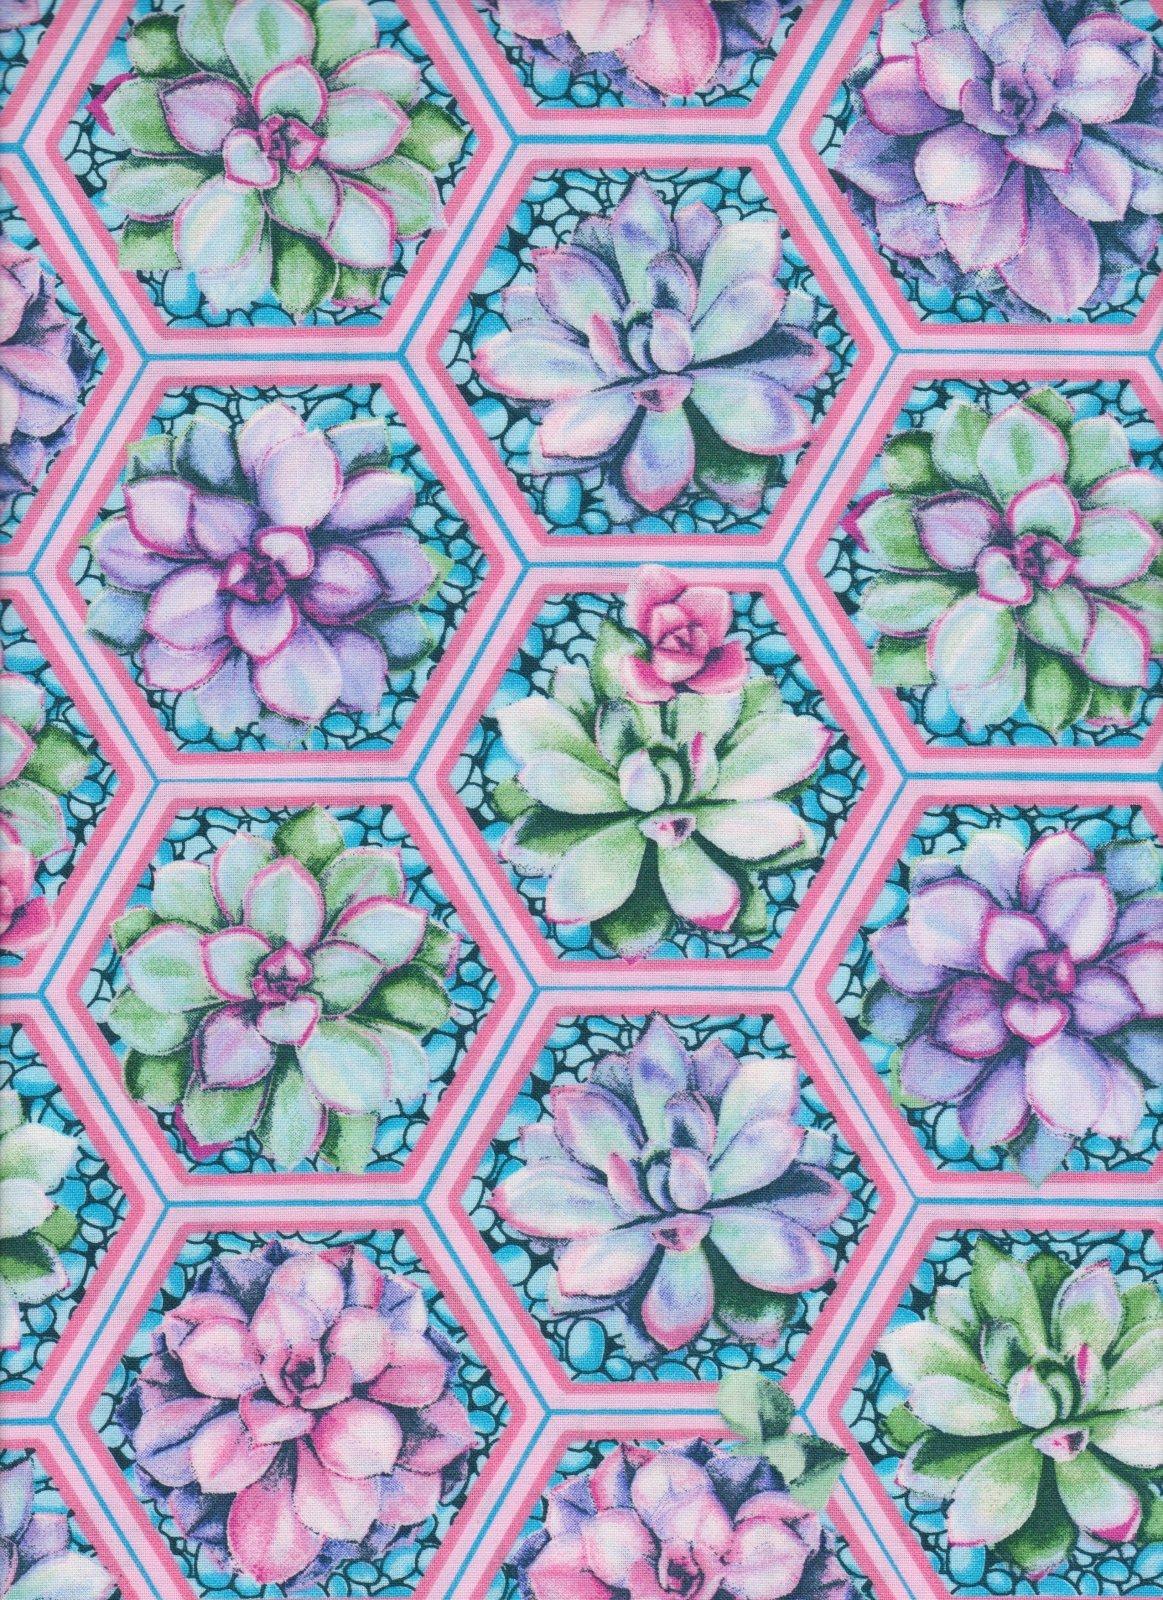 Succulent 16765 Hexagons